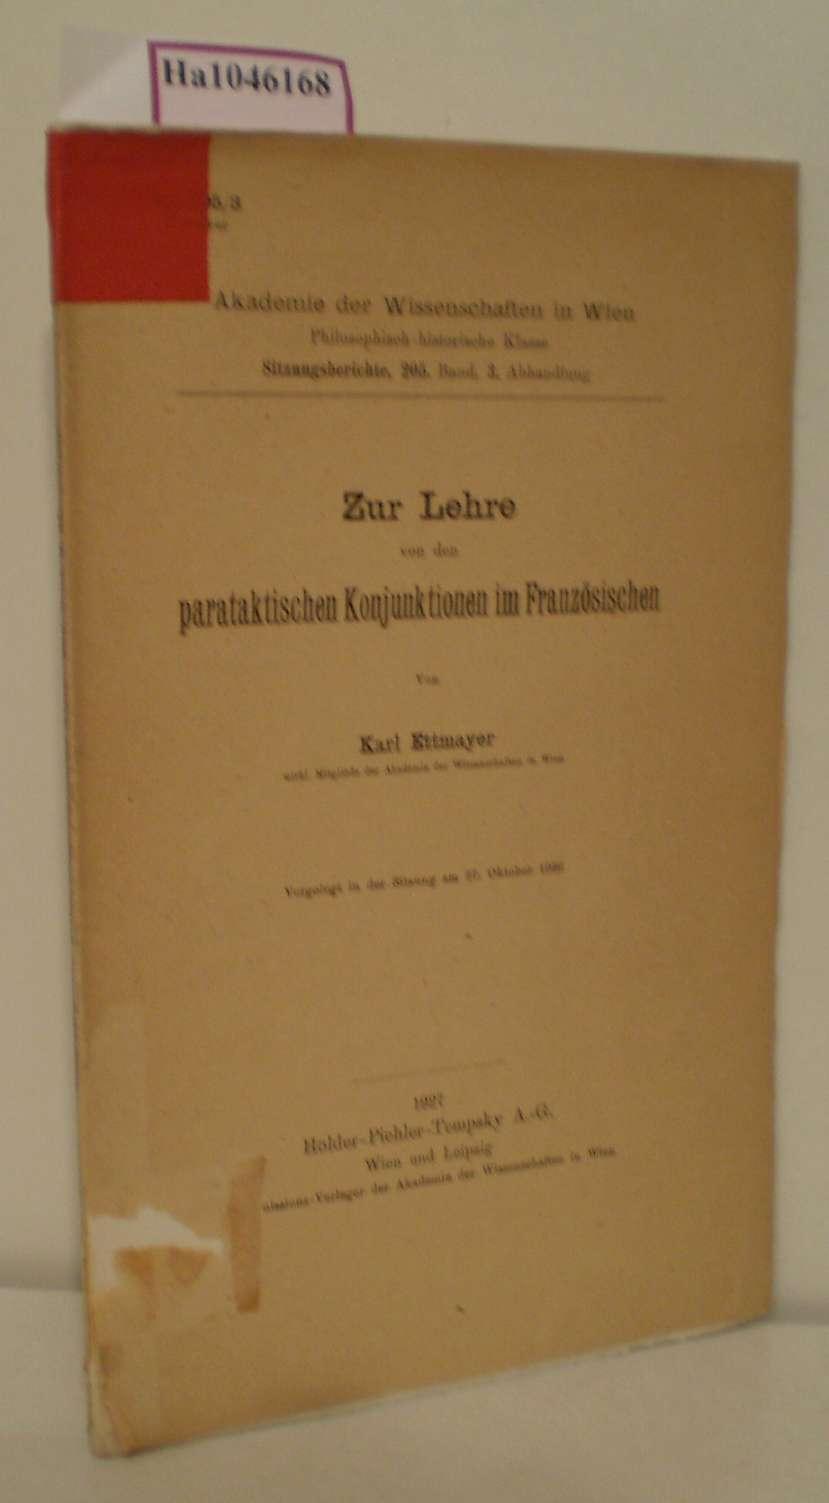 Zur Lehre von den parataktischen Konjunktionen im: Ettmayer, Karl: